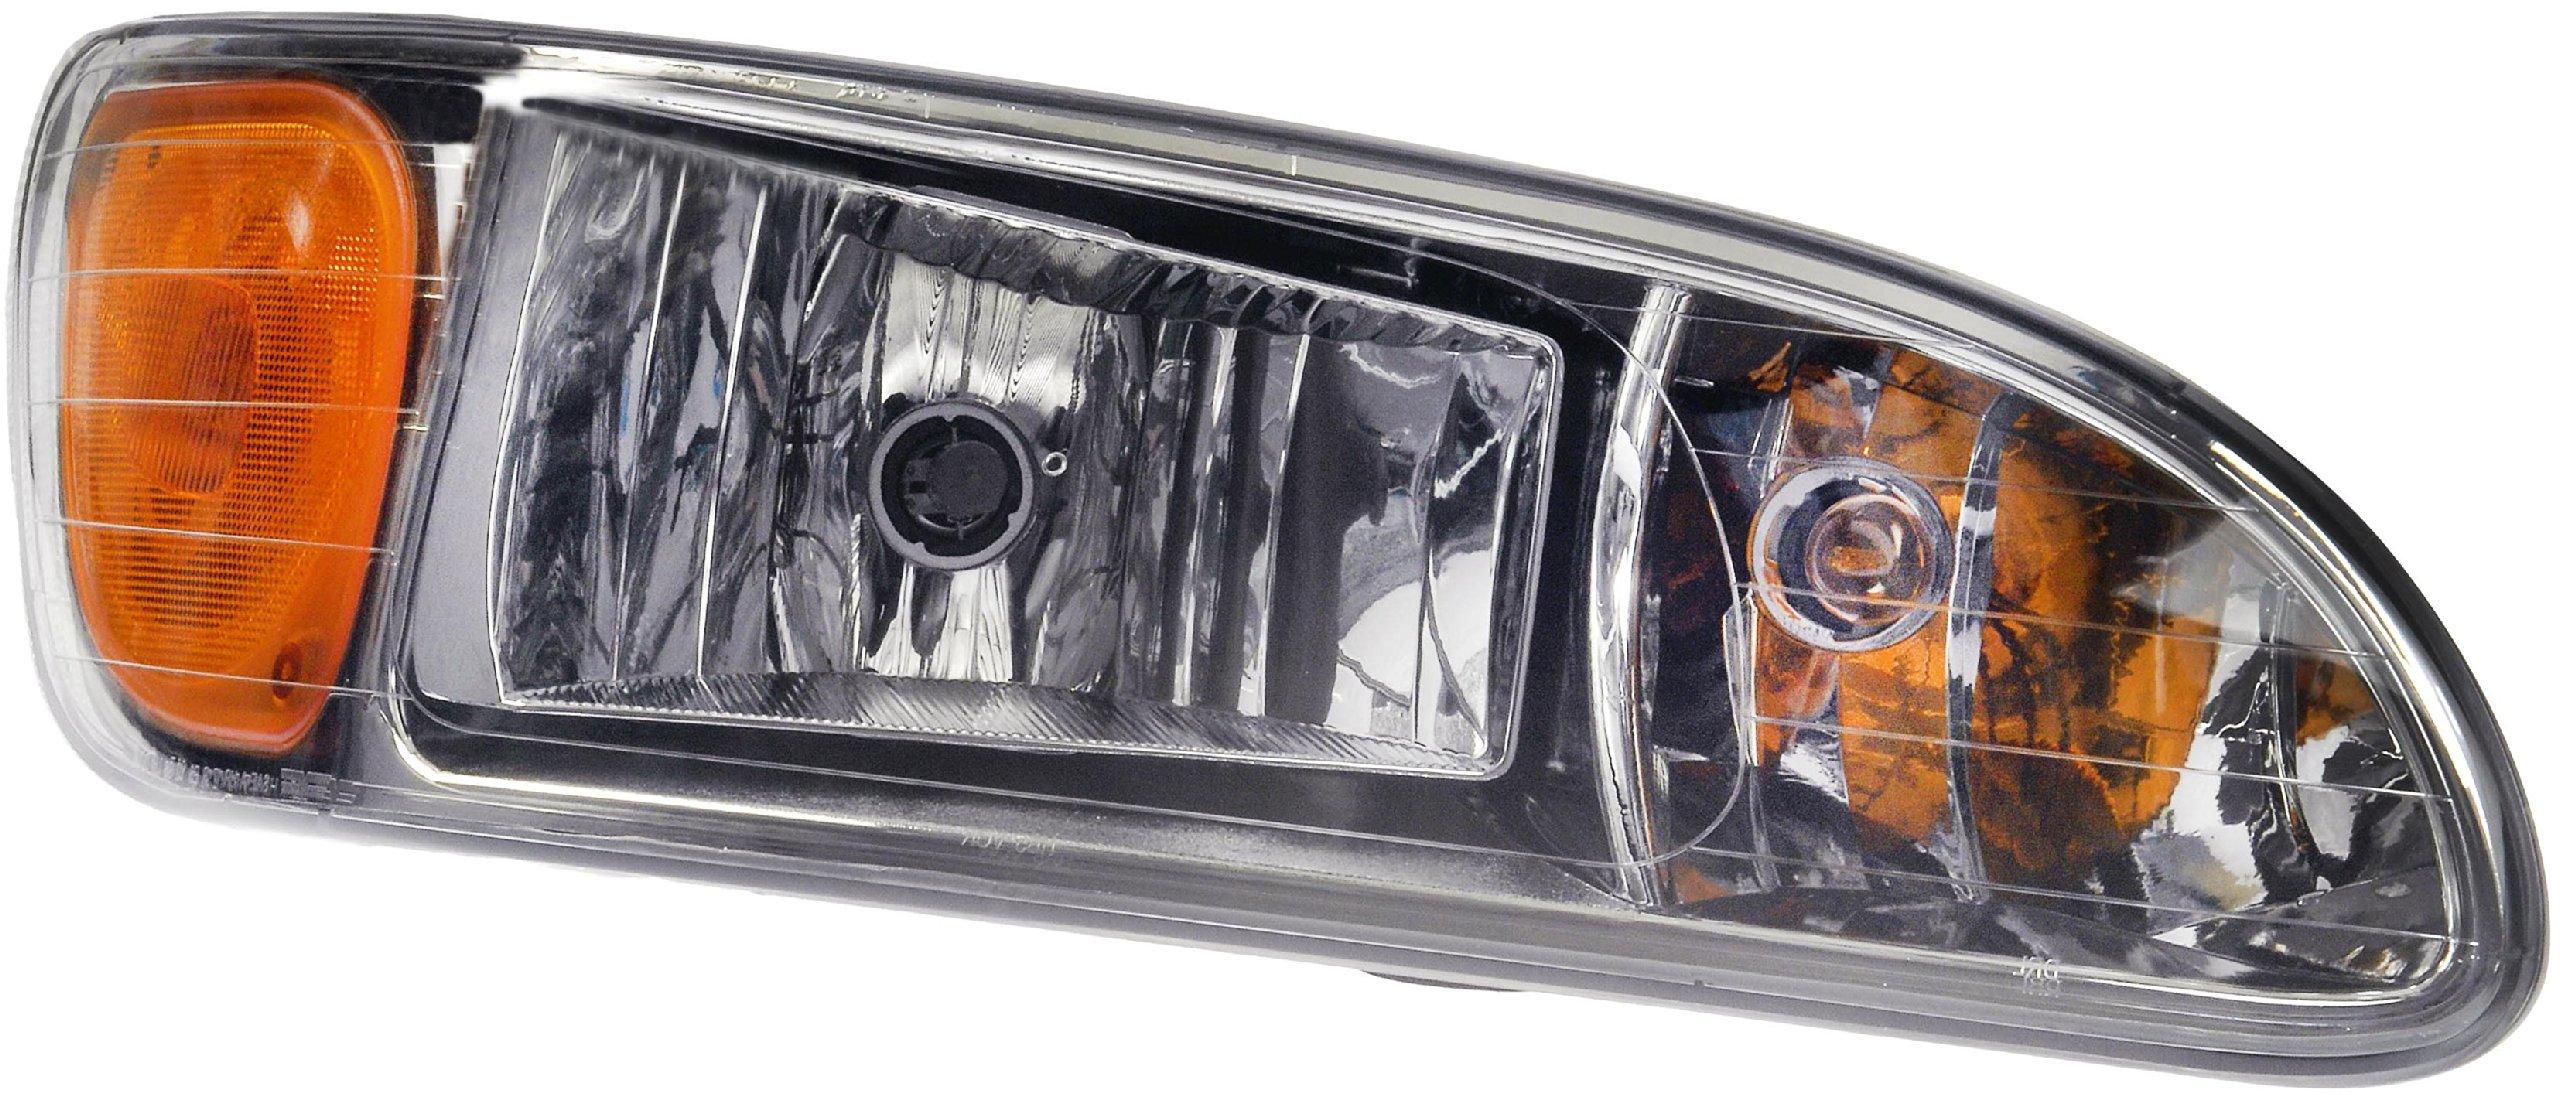 Dorman 888-5403 Passenger Side Headlight Assembly For Select Peterbilt Models